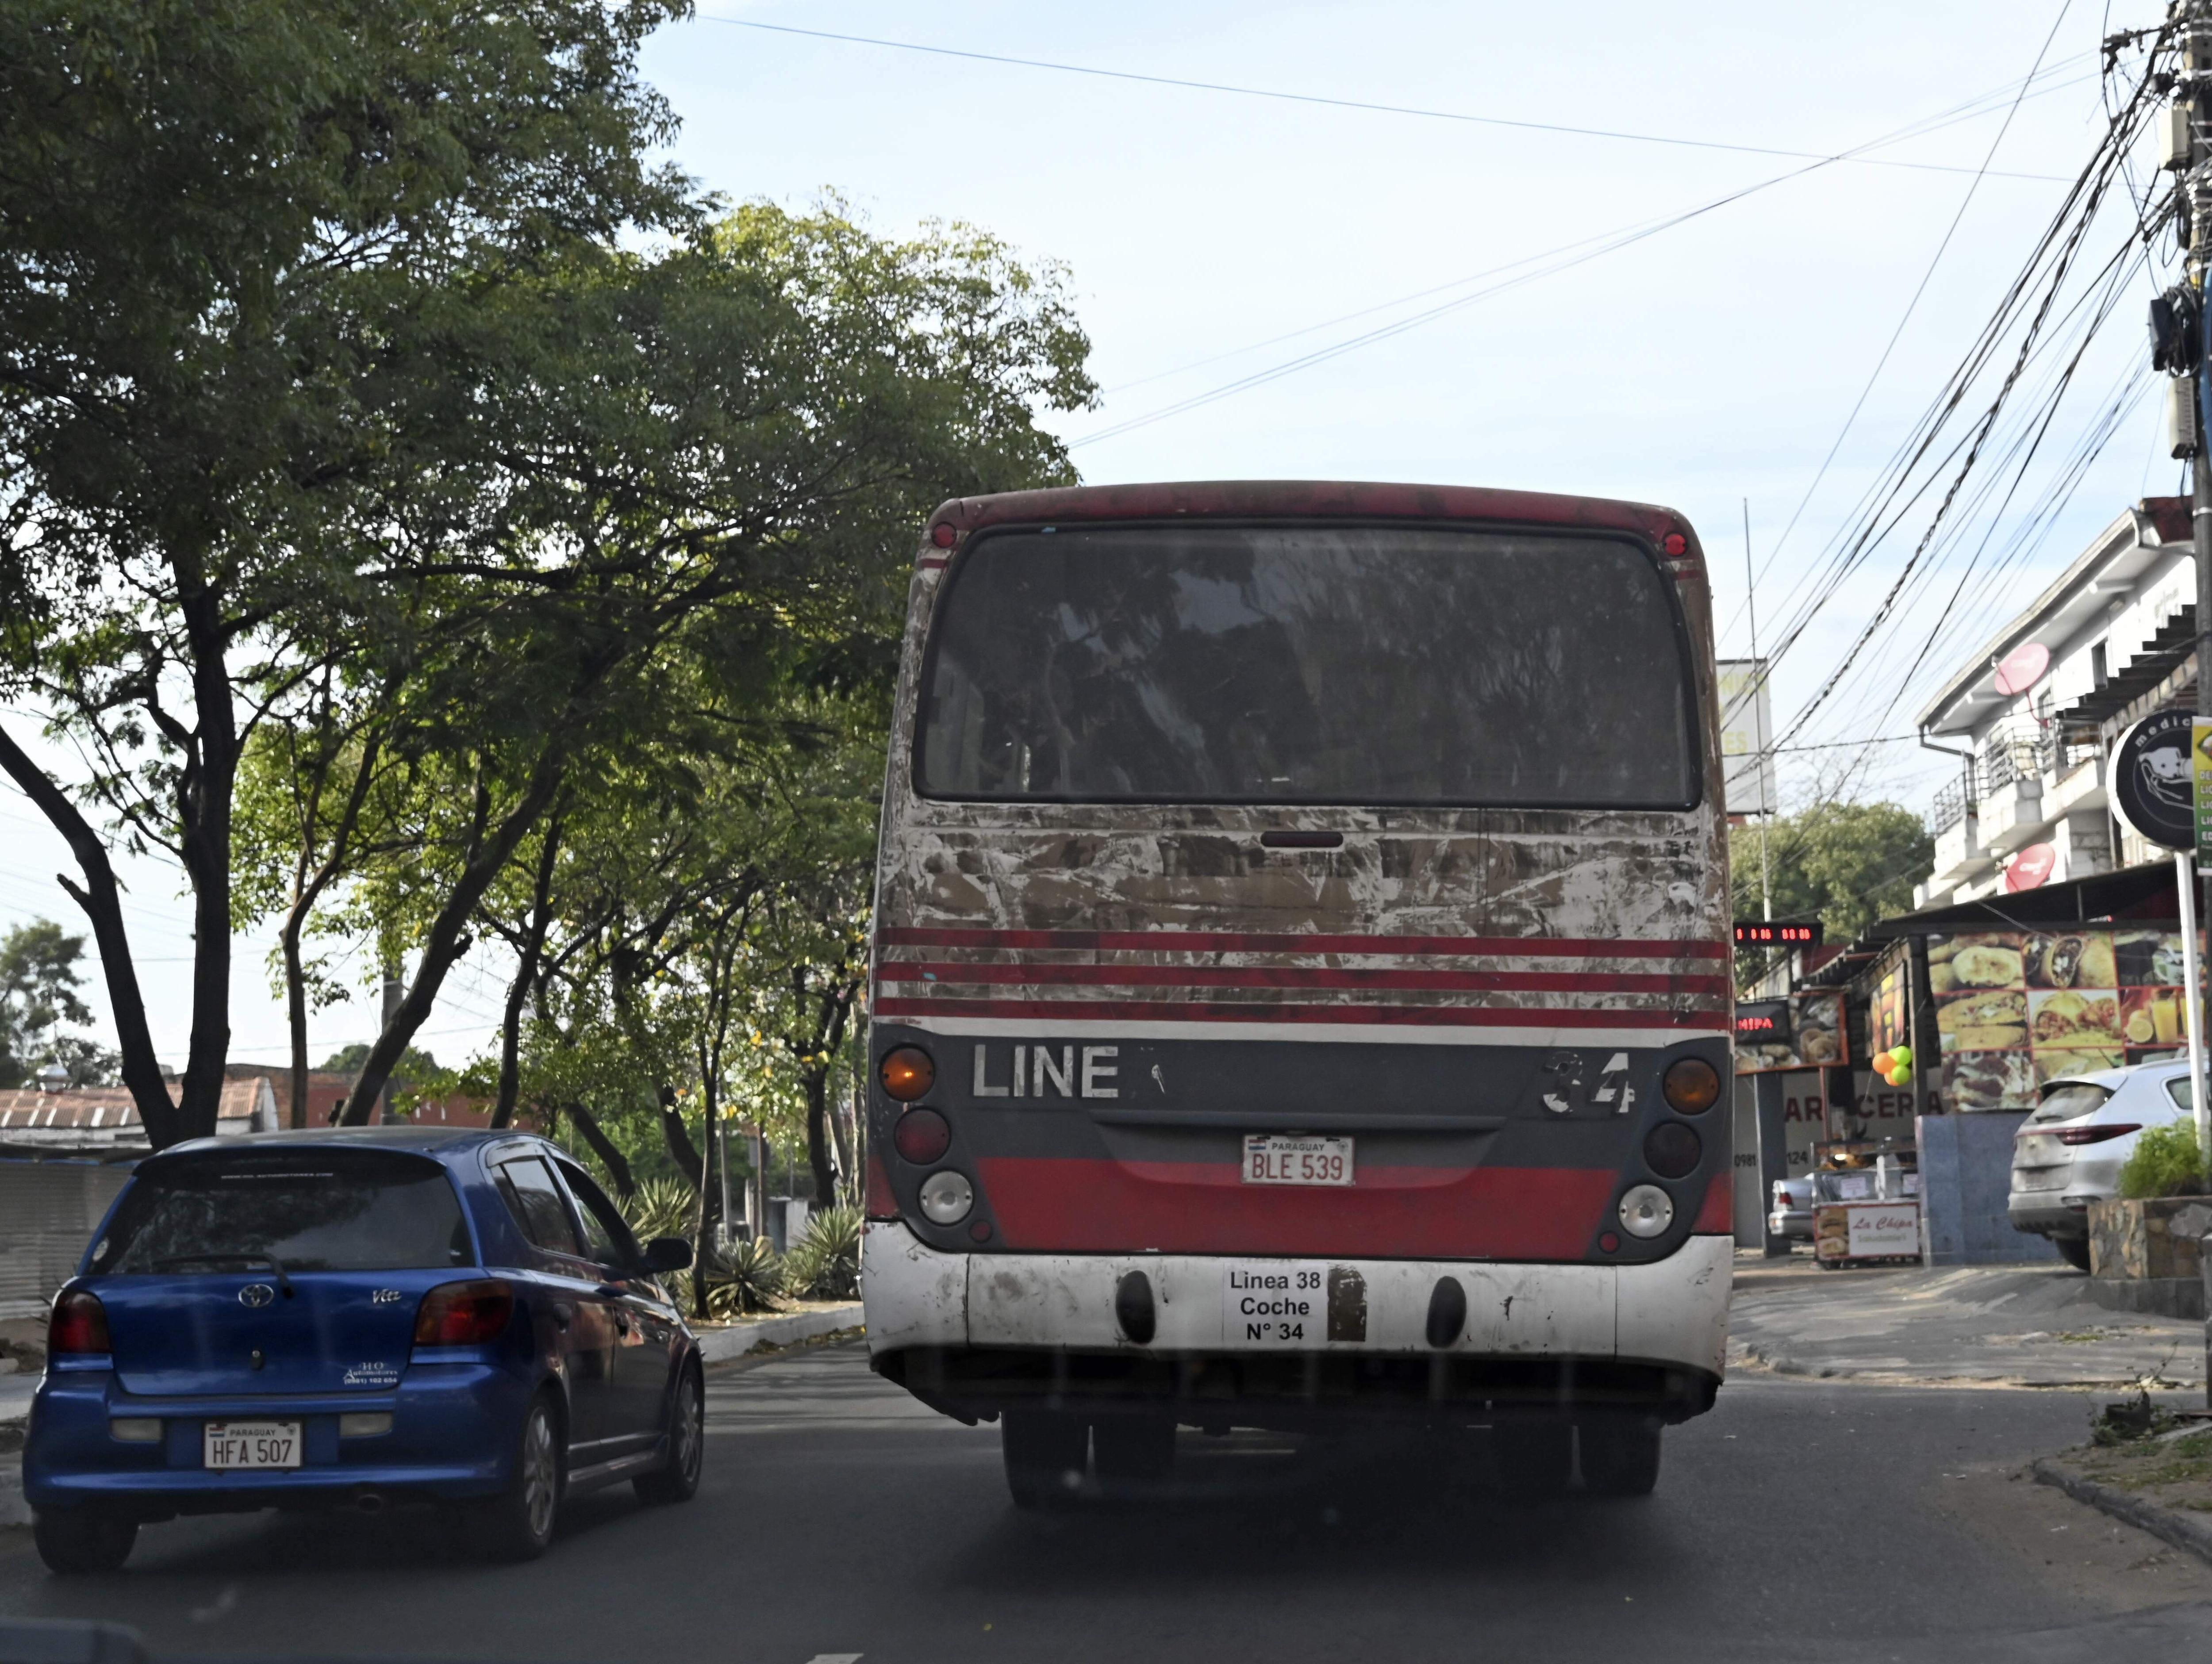 Empresas cobran millones del subsidio, pese a que tienen buses chatarra.